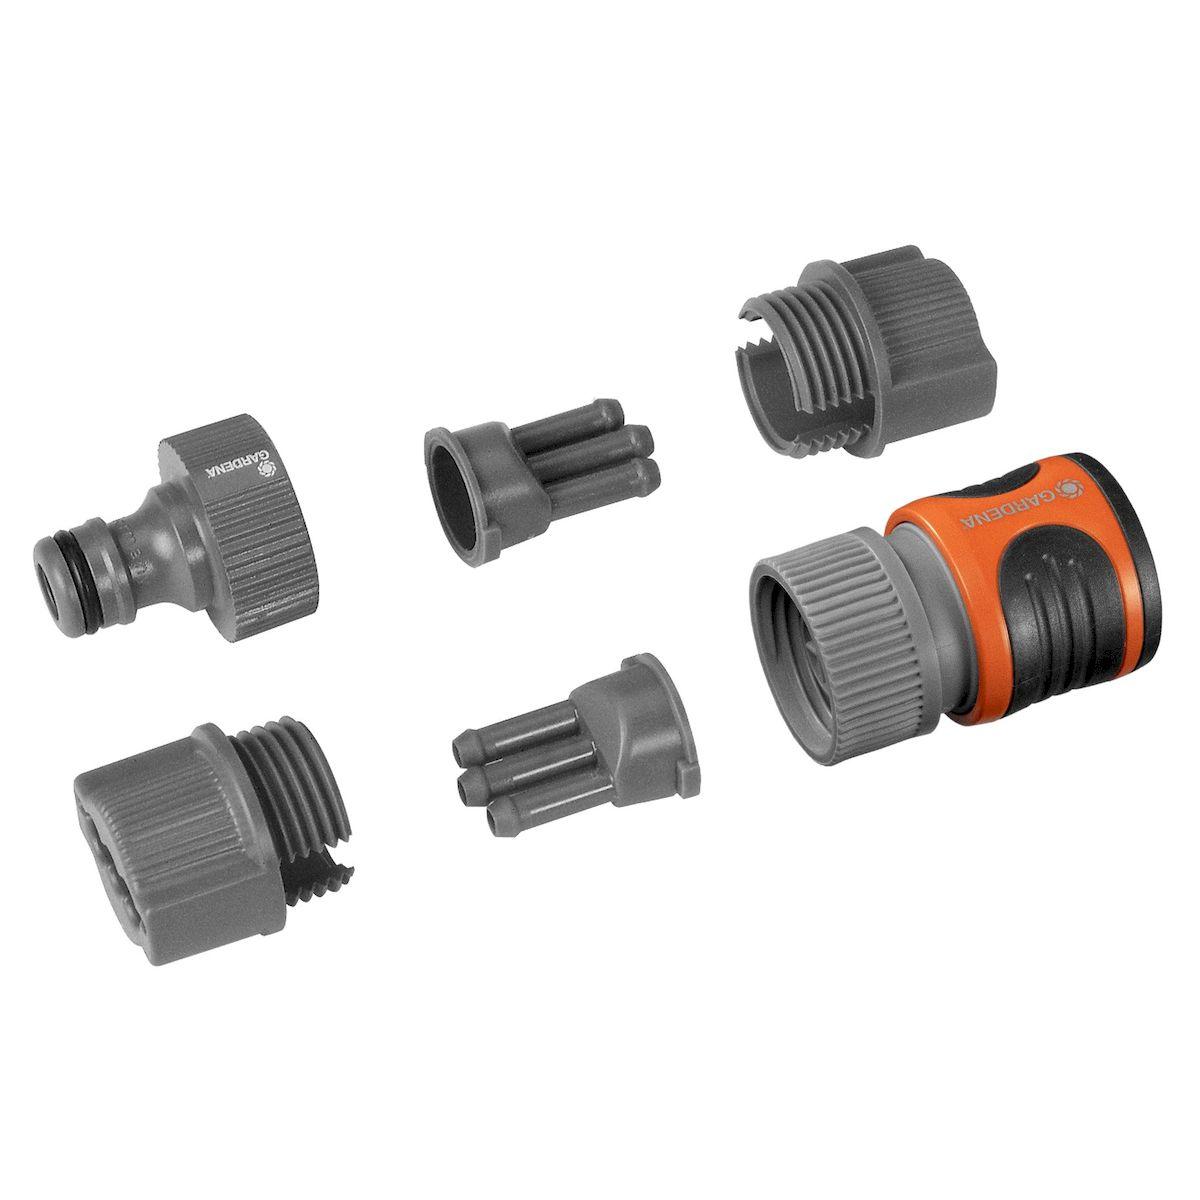 Комплект фитингов для шланга-дождевателя Gardena микроэлектромеханические системы и элементы